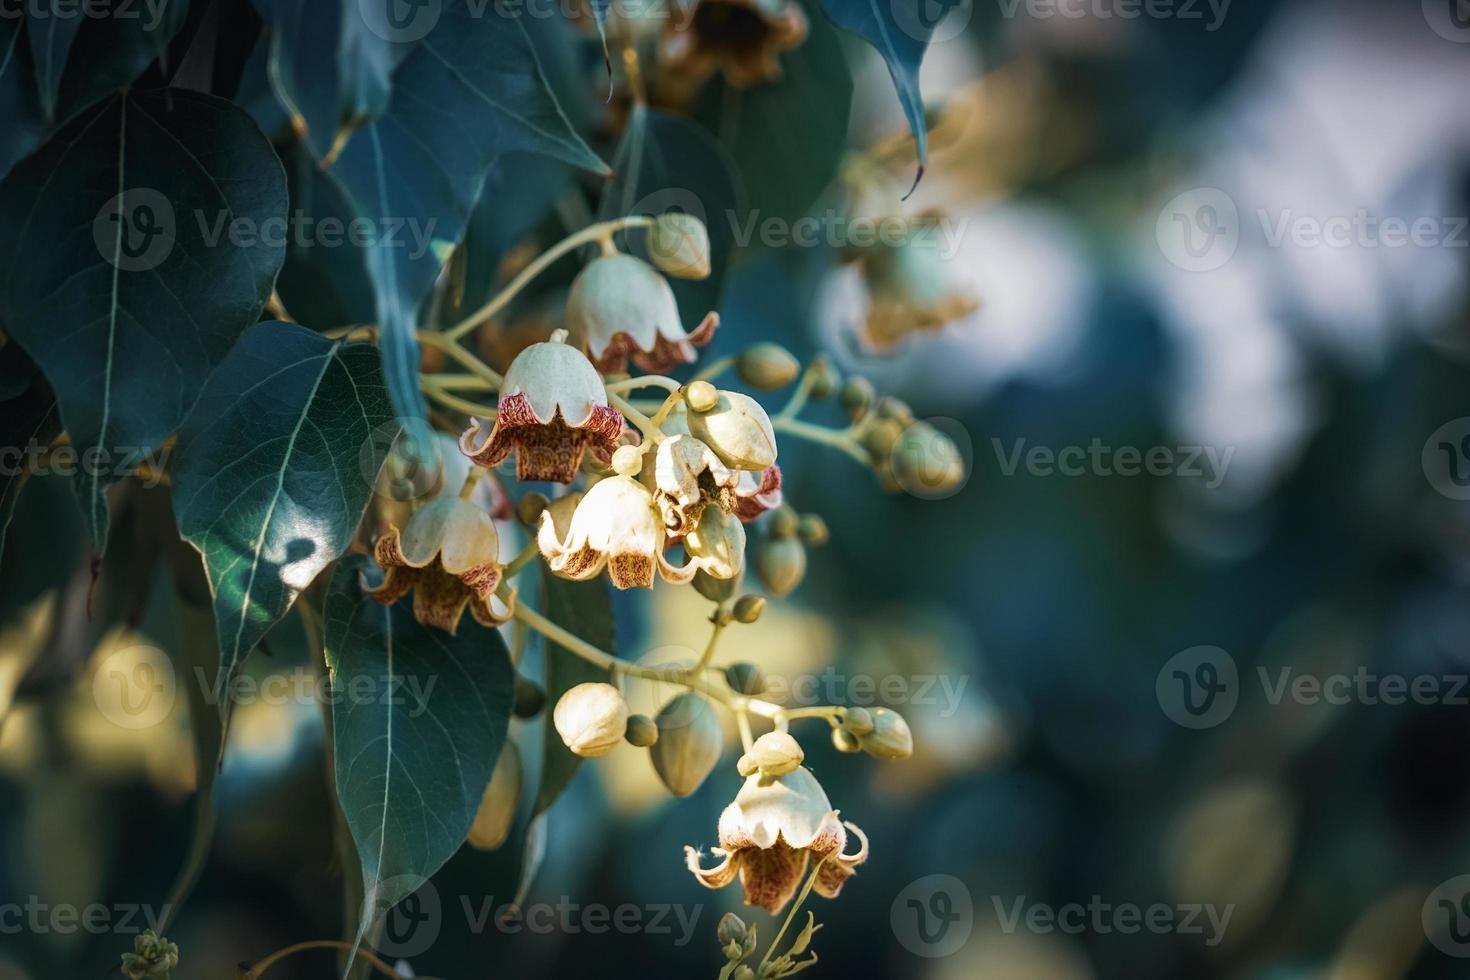 petites fleurs et bourgeons d'arbre bouteille photo